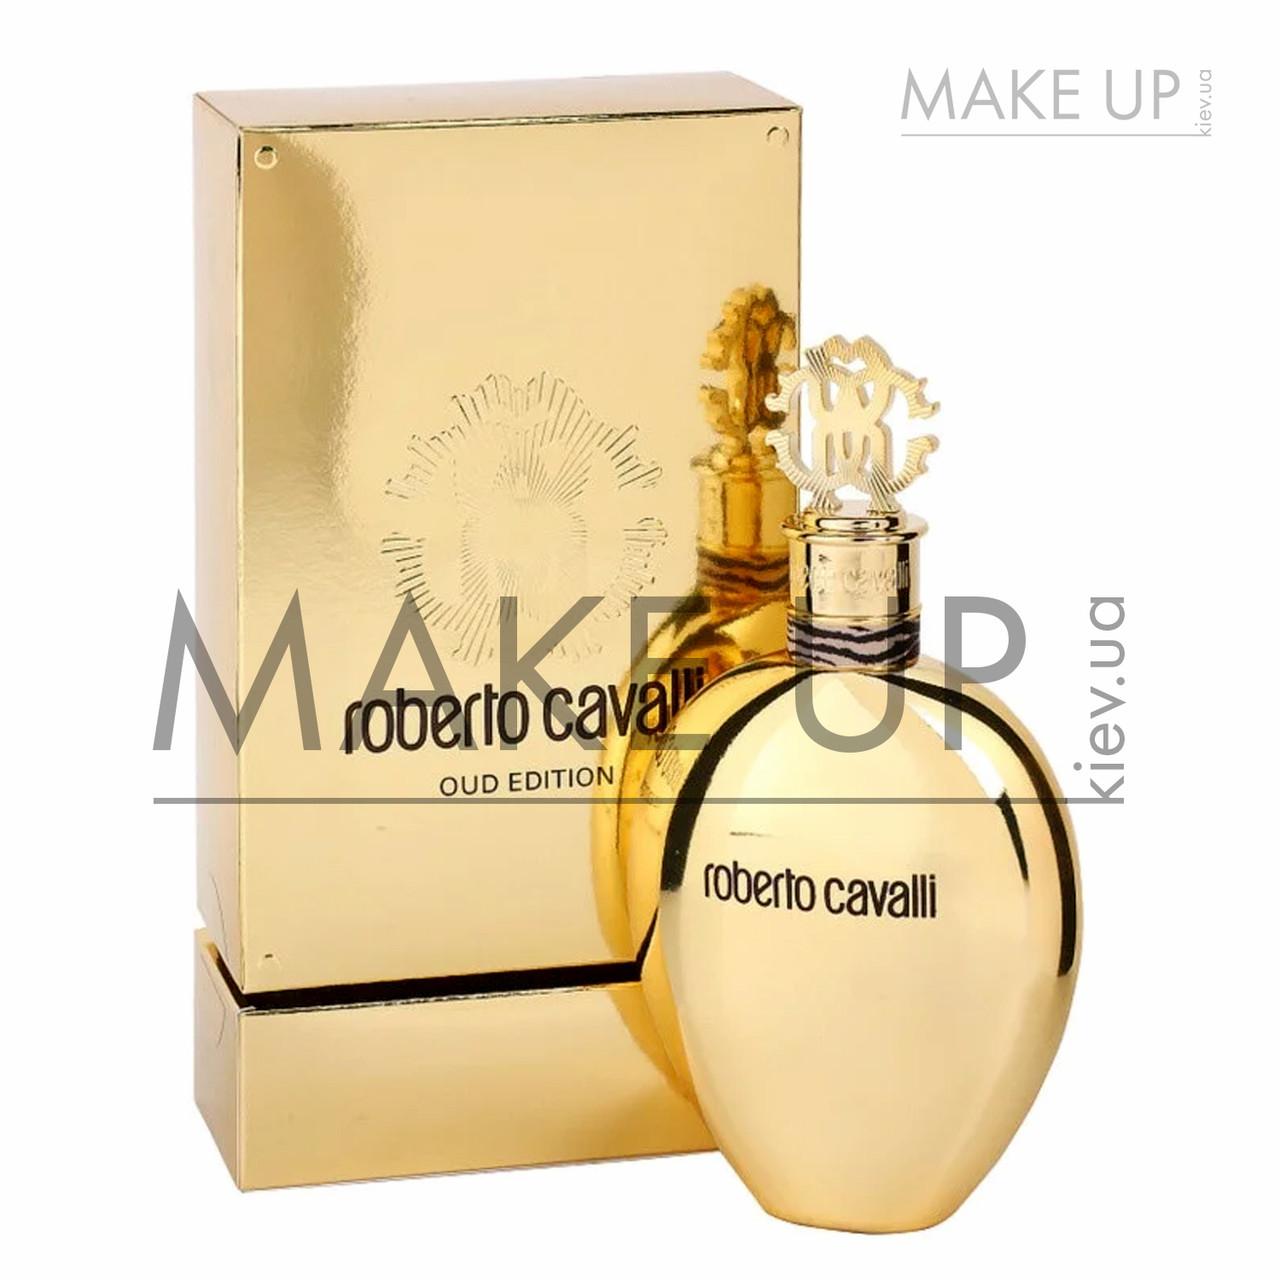 Женская парфюмированная вода Roberto Cavalli Oud Edition EDP 75 мл.| Лицензия Объединенные Арабские Эмираты